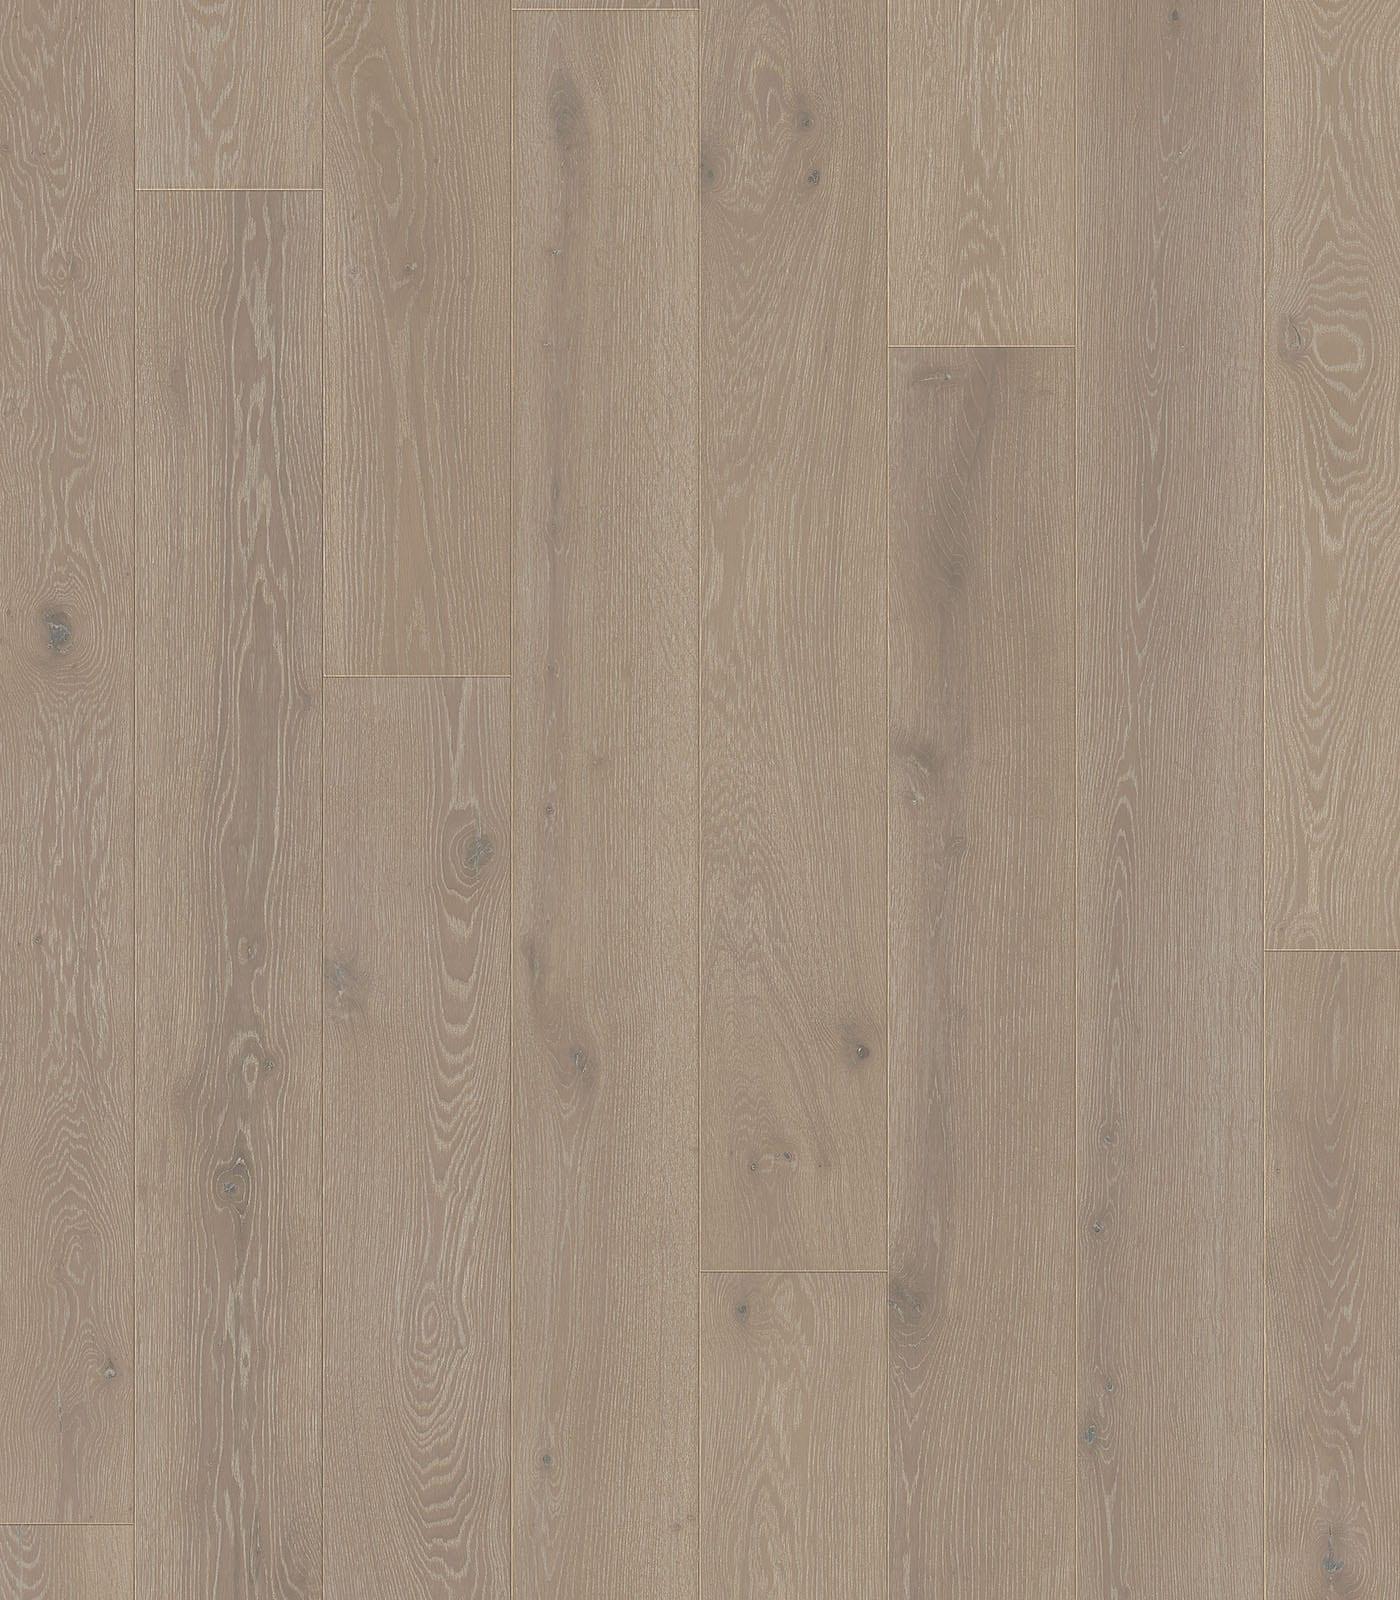 Ecur-Colors Collection-European Oak floors-flat